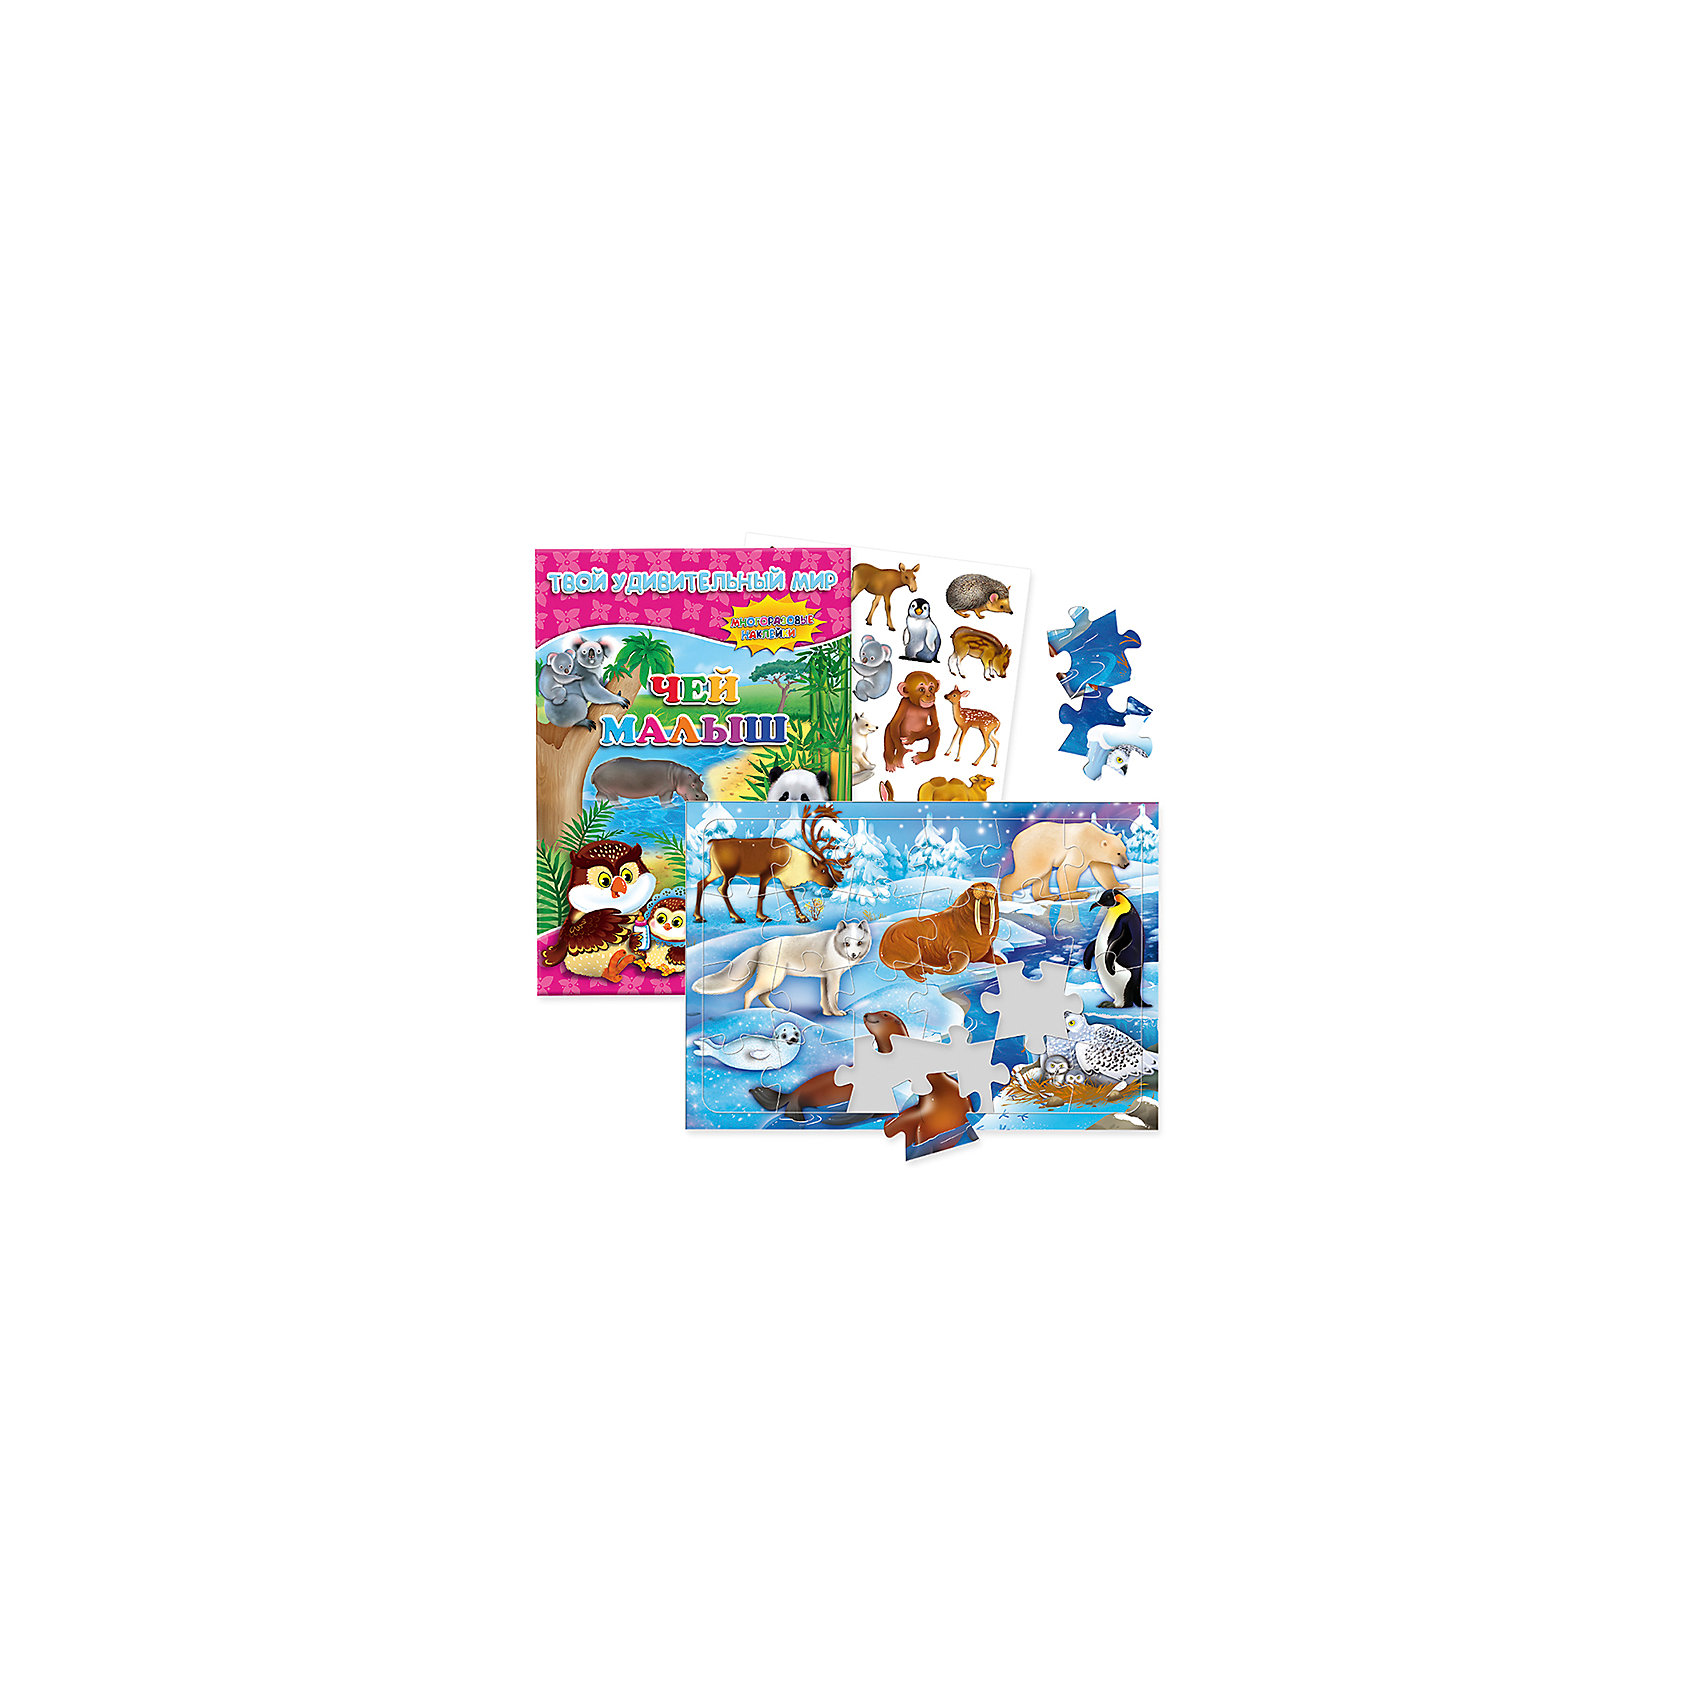 Комплект Чей малыш (2 предмета)Книги для развития мышления<br>Комплект Чей малыш (2 предмета)<br><br>Характеристики:<br><br>• В набор входит: пазл, книжка<br>• Количество деталей пазла: 24 шт.<br>• Размер: 28 * 0,5 * 20 см.<br>• Состав: бумага, картон<br>• Вес: 230 г.<br>• Для детей в возрасте: от 3 до 7 лет<br>• Страна производитель: Россия<br><br>Книжка рассказывает интересные явления о животных и об их детенышах, предлагает задания и содержит многоразовые тематические наклейки. Наклейки разделены на блоки и рассказывают постепенно о разных группах зверей, всего в наборе 43 наклейки. Пазл в специальной рамке с нижним картонным слоем можно собирать и в дороге, ведь его детали не разбегутся по сторонам. <br><br>Комплект Чей малыш (2 предмета) можно купить в нашем интернет-магазине.<br><br>Ширина мм: 280<br>Глубина мм: 200<br>Высота мм: 5<br>Вес г: 230<br>Возраст от месяцев: 36<br>Возраст до месяцев: 84<br>Пол: Унисекс<br>Возраст: Детский<br>SKU: 5422978